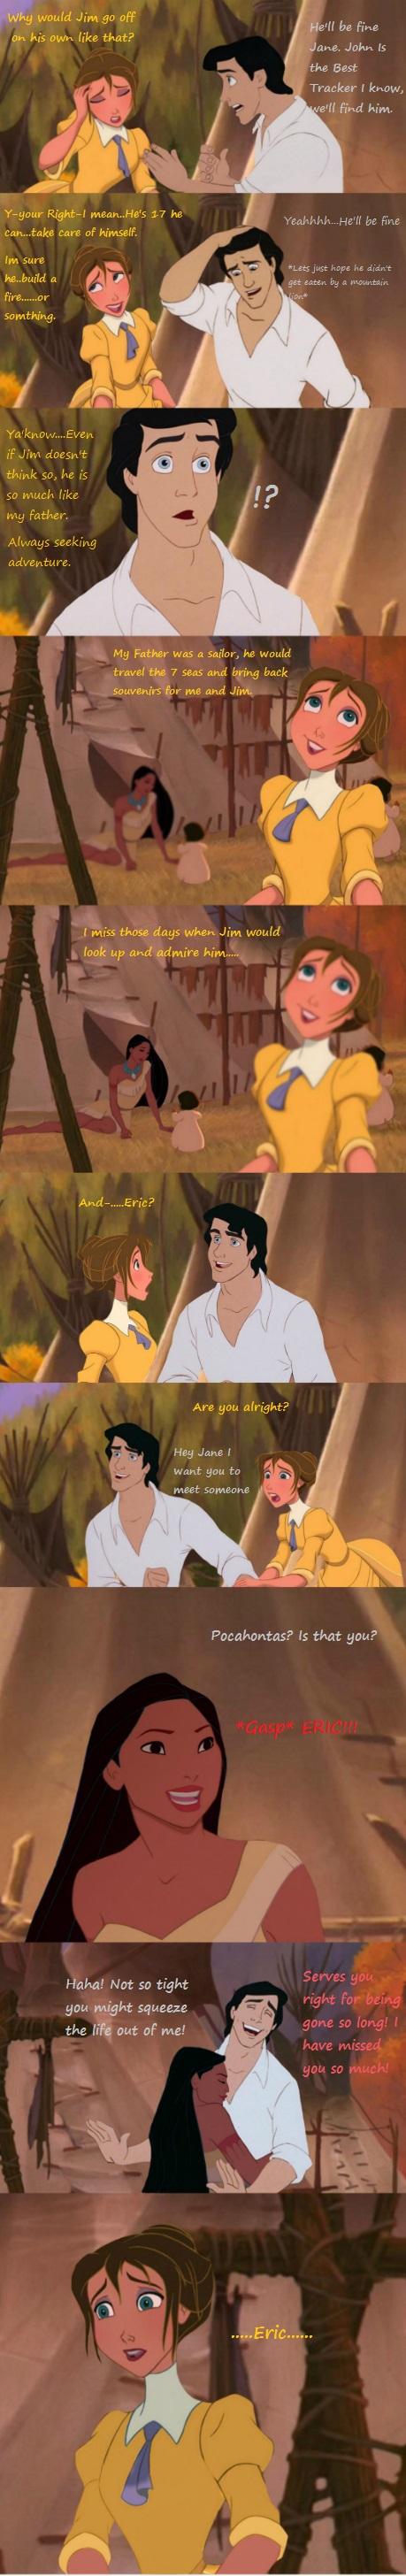 Image Result For Aladdin Part